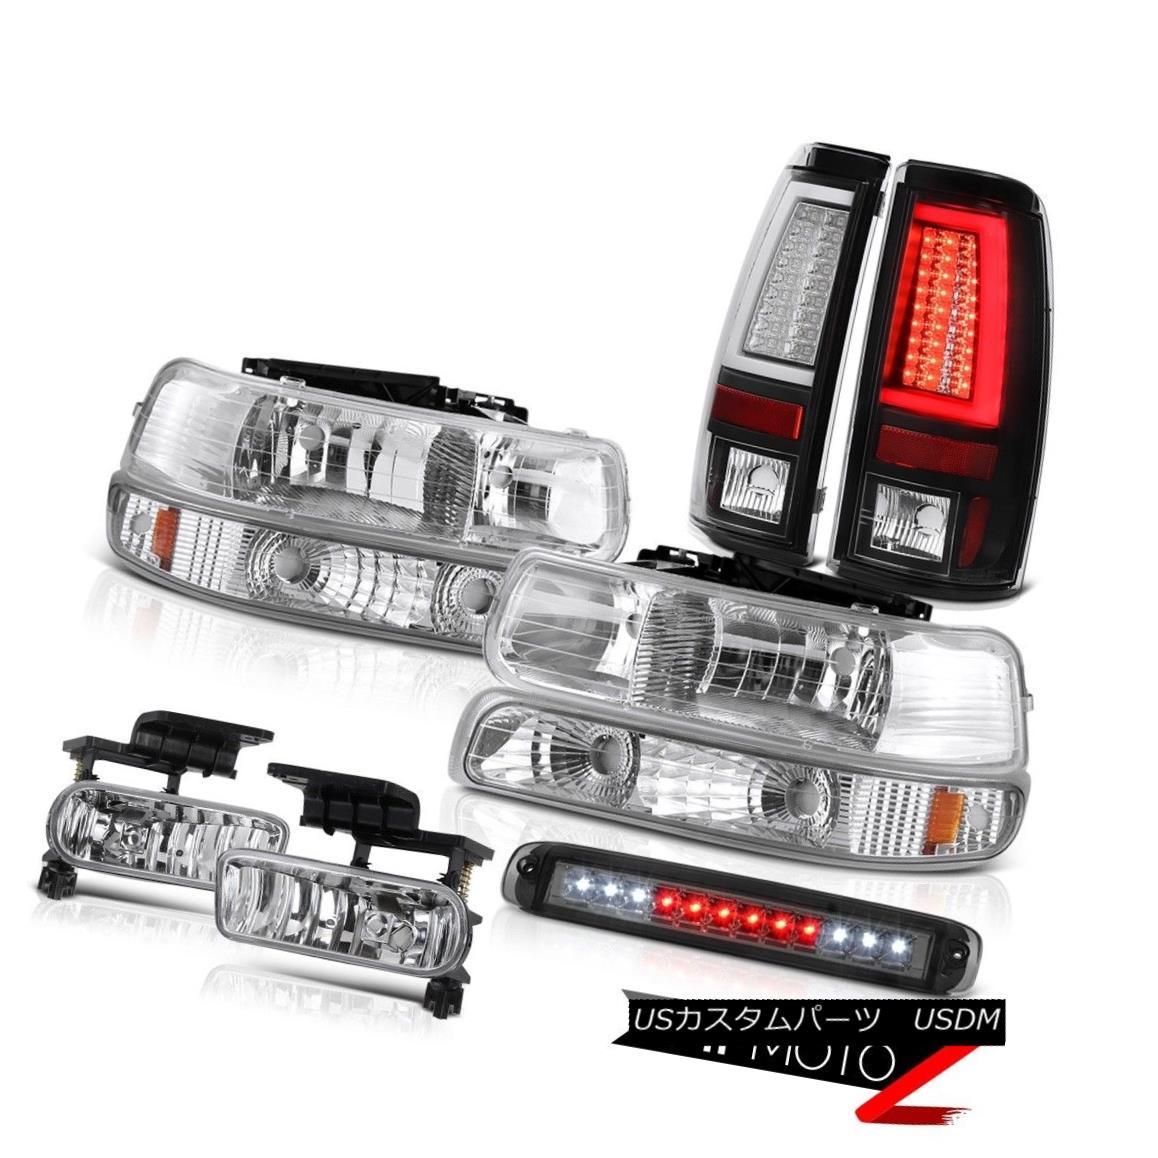 テールライト 99-02 Silverado 3500HD Tail Brake Lights Roof Cab Light Headlamps Fog OLED Prism 99-02 Silverado 3500HDテールブレーキライトルーフキャブライトヘッドランプフォグOLEDプリズム